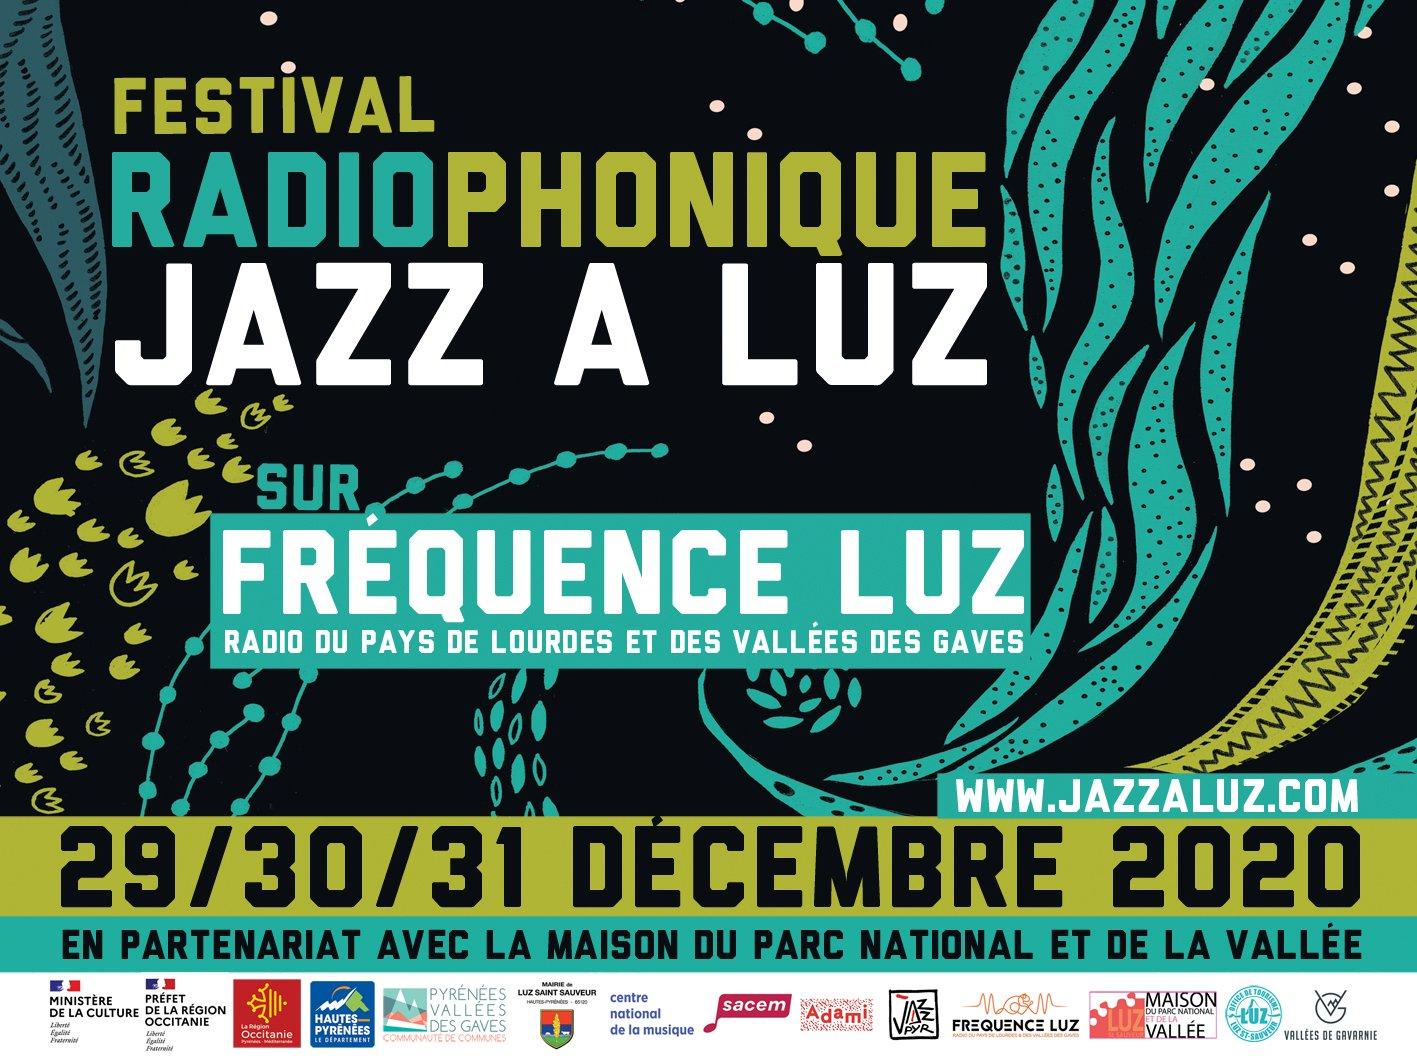 Festival radiophonique Jazz à Luz